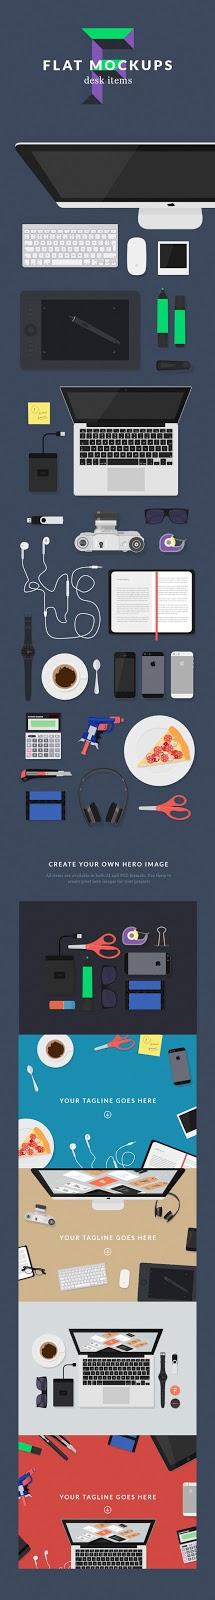 yaitu sebuah media visual atau preview dari sebuah konsep desain  Download Gratis Flat MockUps - Desk item